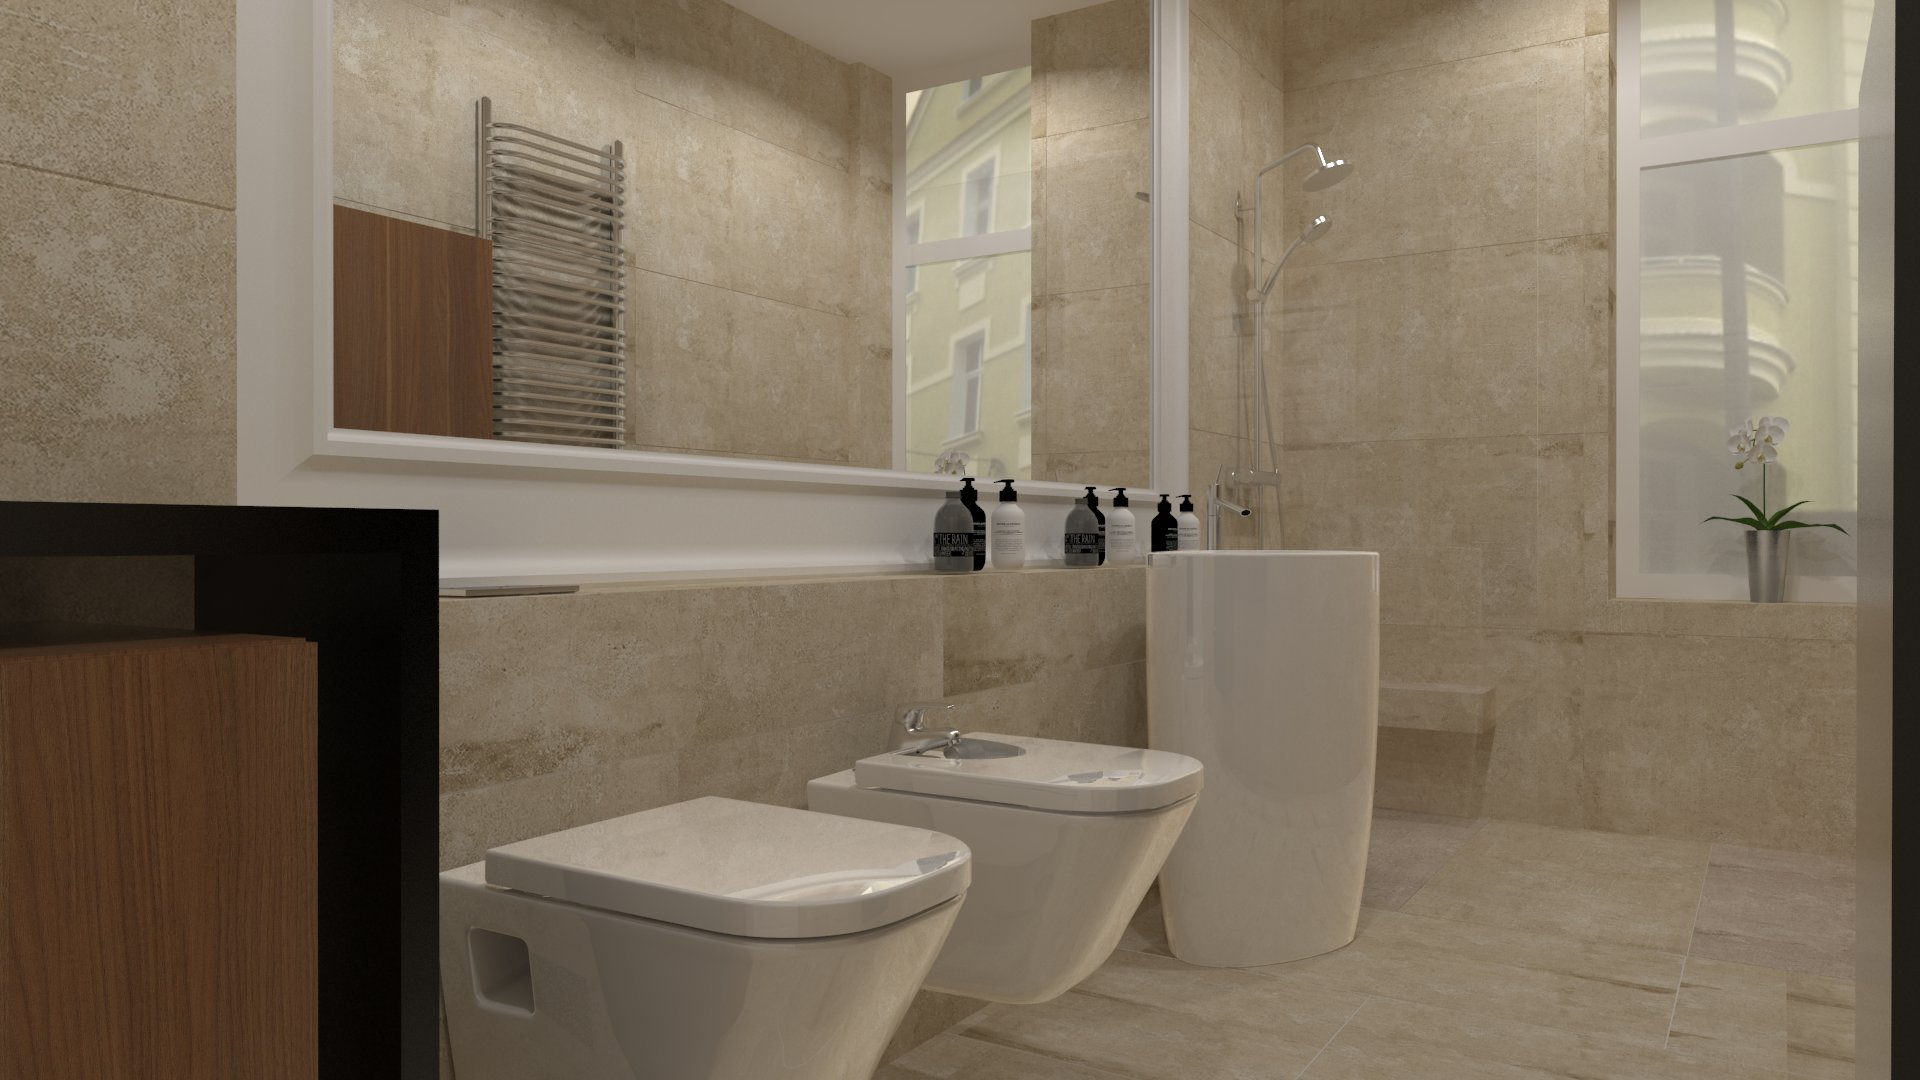 Projekt wąskiej łazienki w Gorzowskiej kamienicy wykonany przez studio novoART zajmującego się projektowaniem i aranżacją wnętrz